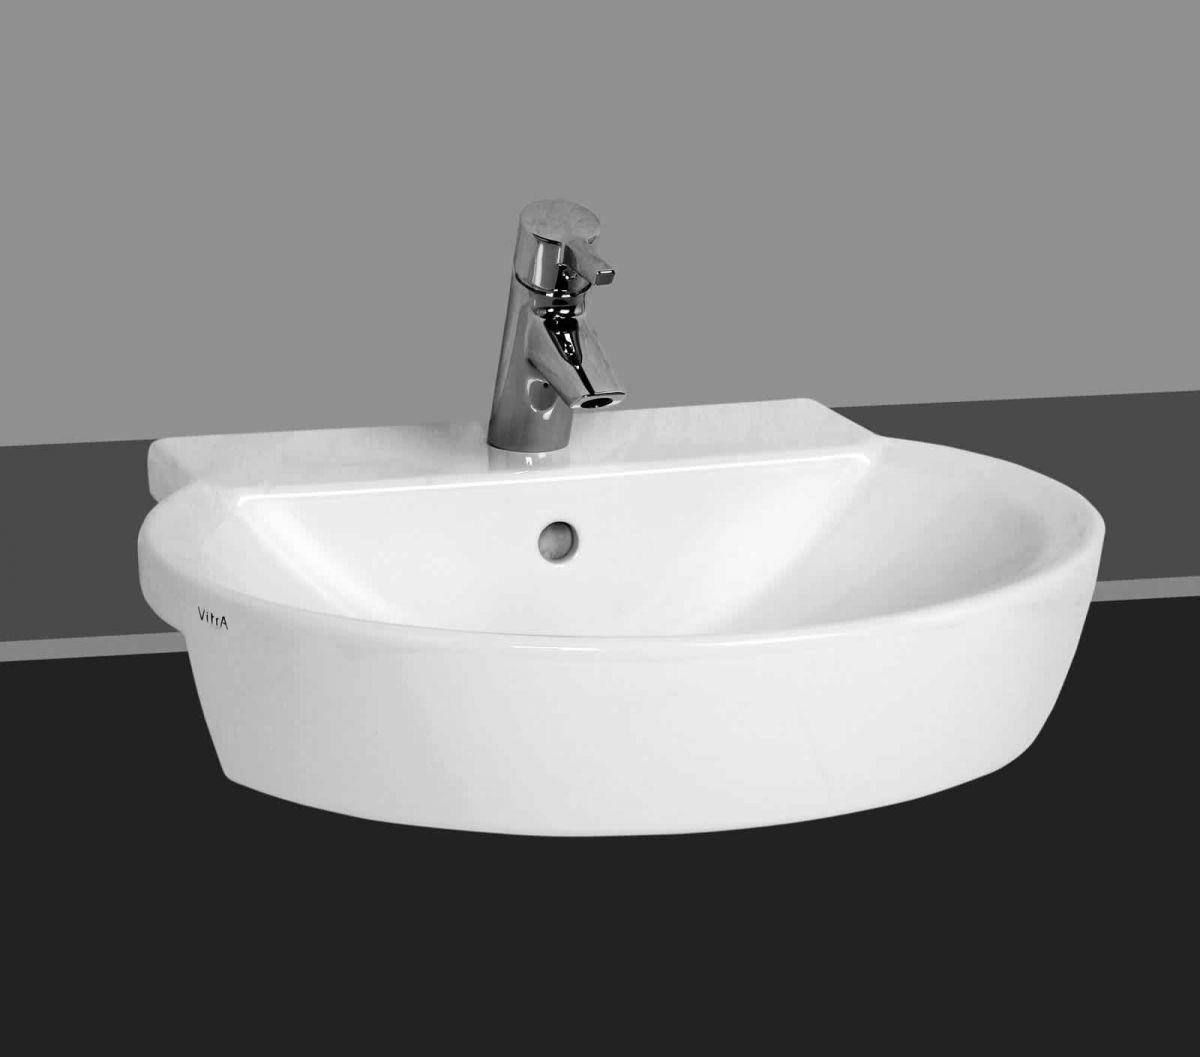 Sunrise Kitchen Cabinets Vitra Sunrise Semi Recessed Basin Uk Bathrooms